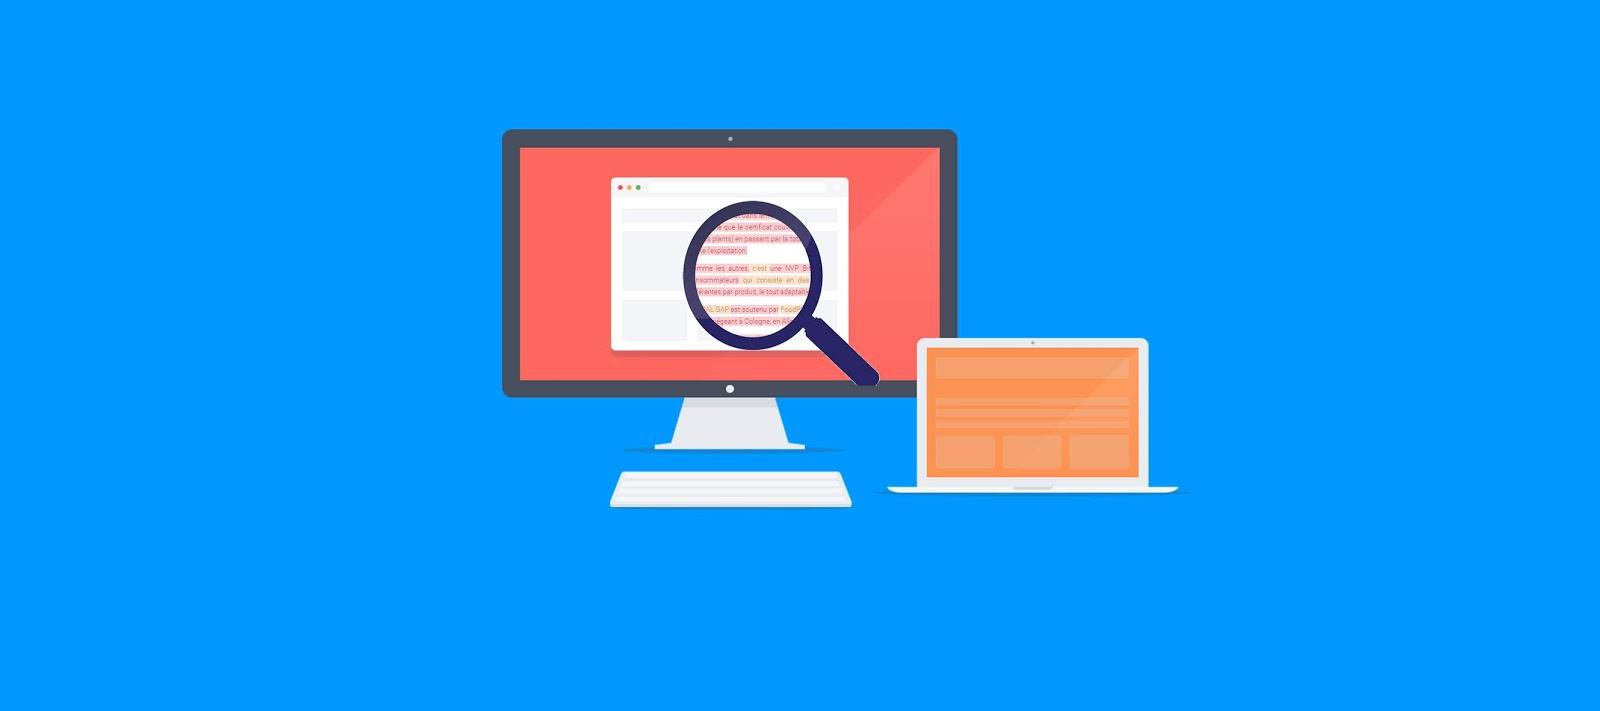 Cara Membuat Halaman Plagiarism Checker Di Blogger Dengan Mudah